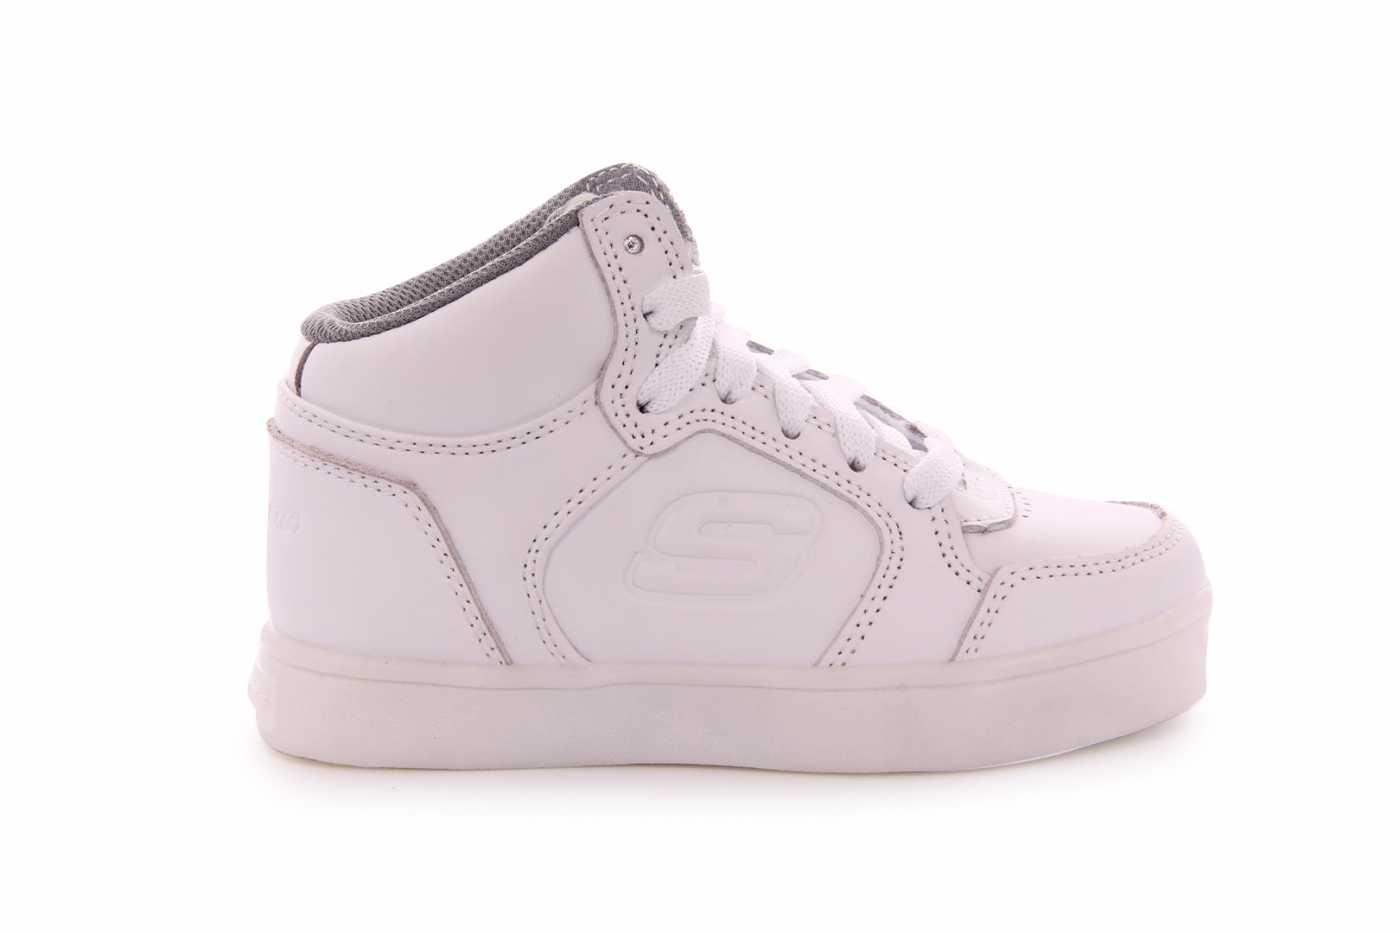 dffca7afe29 Comprar zapato tipo JOVEN NIÑO estilo BOTAS COLOR BLANCO PIEL